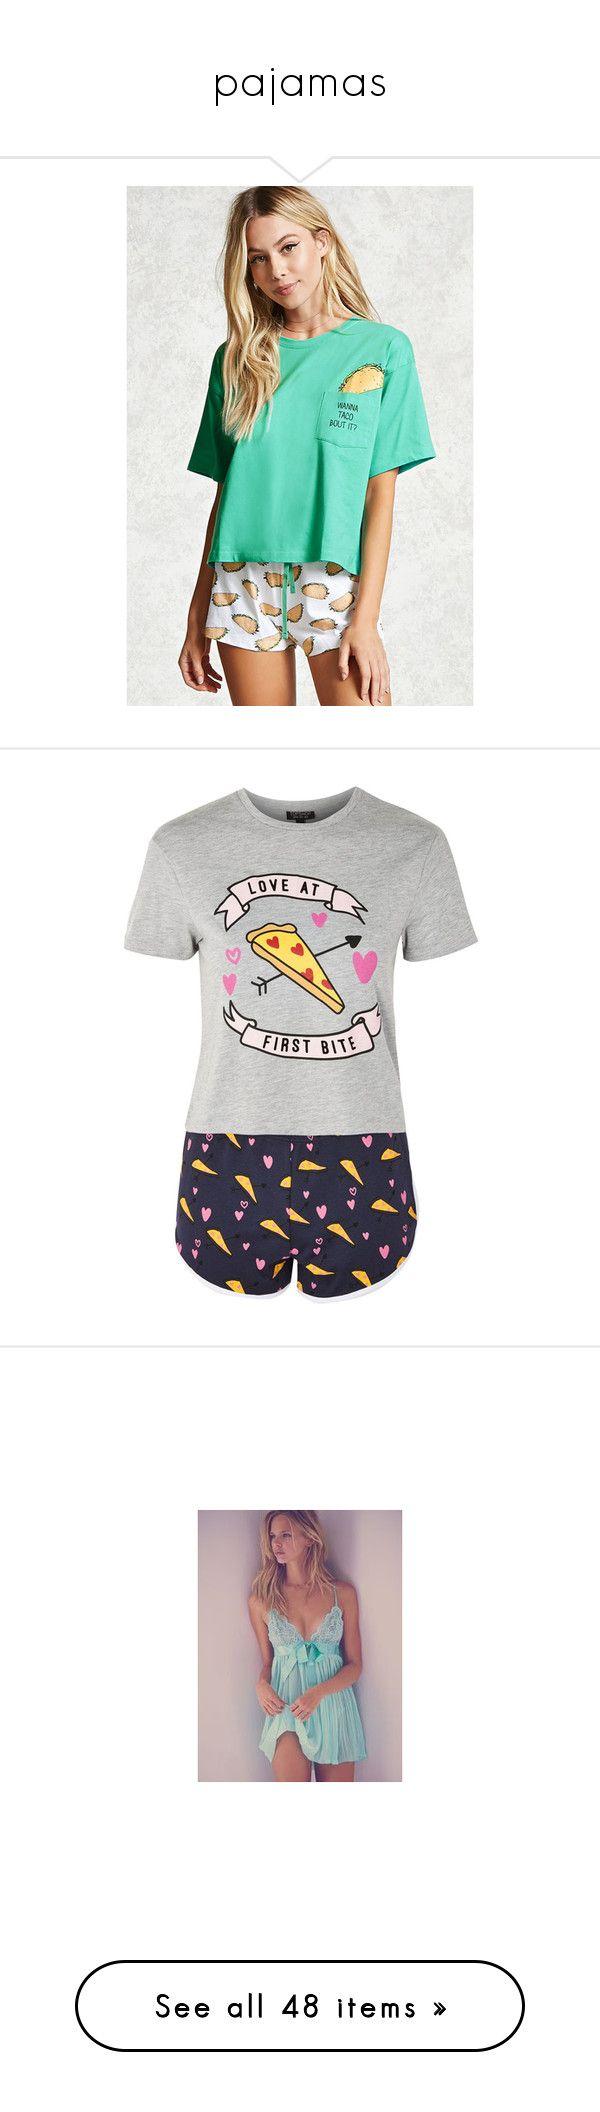 """""""pajamas"""" by marimorett ❤ liked on Polyvore featuring intimates, sleepwear, pajamas, short sleeve pajama set, forever 21 sleepwear, forever 21 pajamas, short sleeve pajamas, forever 21, grey and topshop pyjamas"""